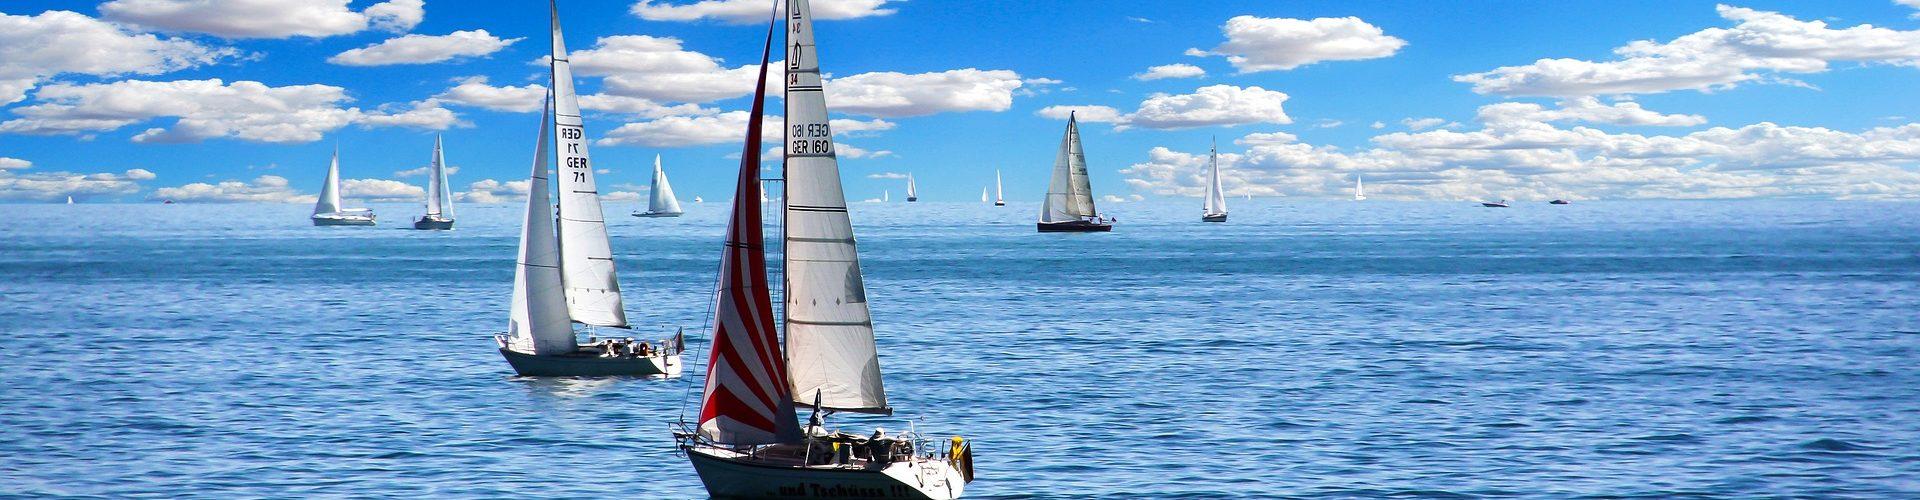 segeln lernen in Nonnenhorn segelschein machen in Nonnenhorn 1920x500 - Segeln lernen in Nonnenhorn